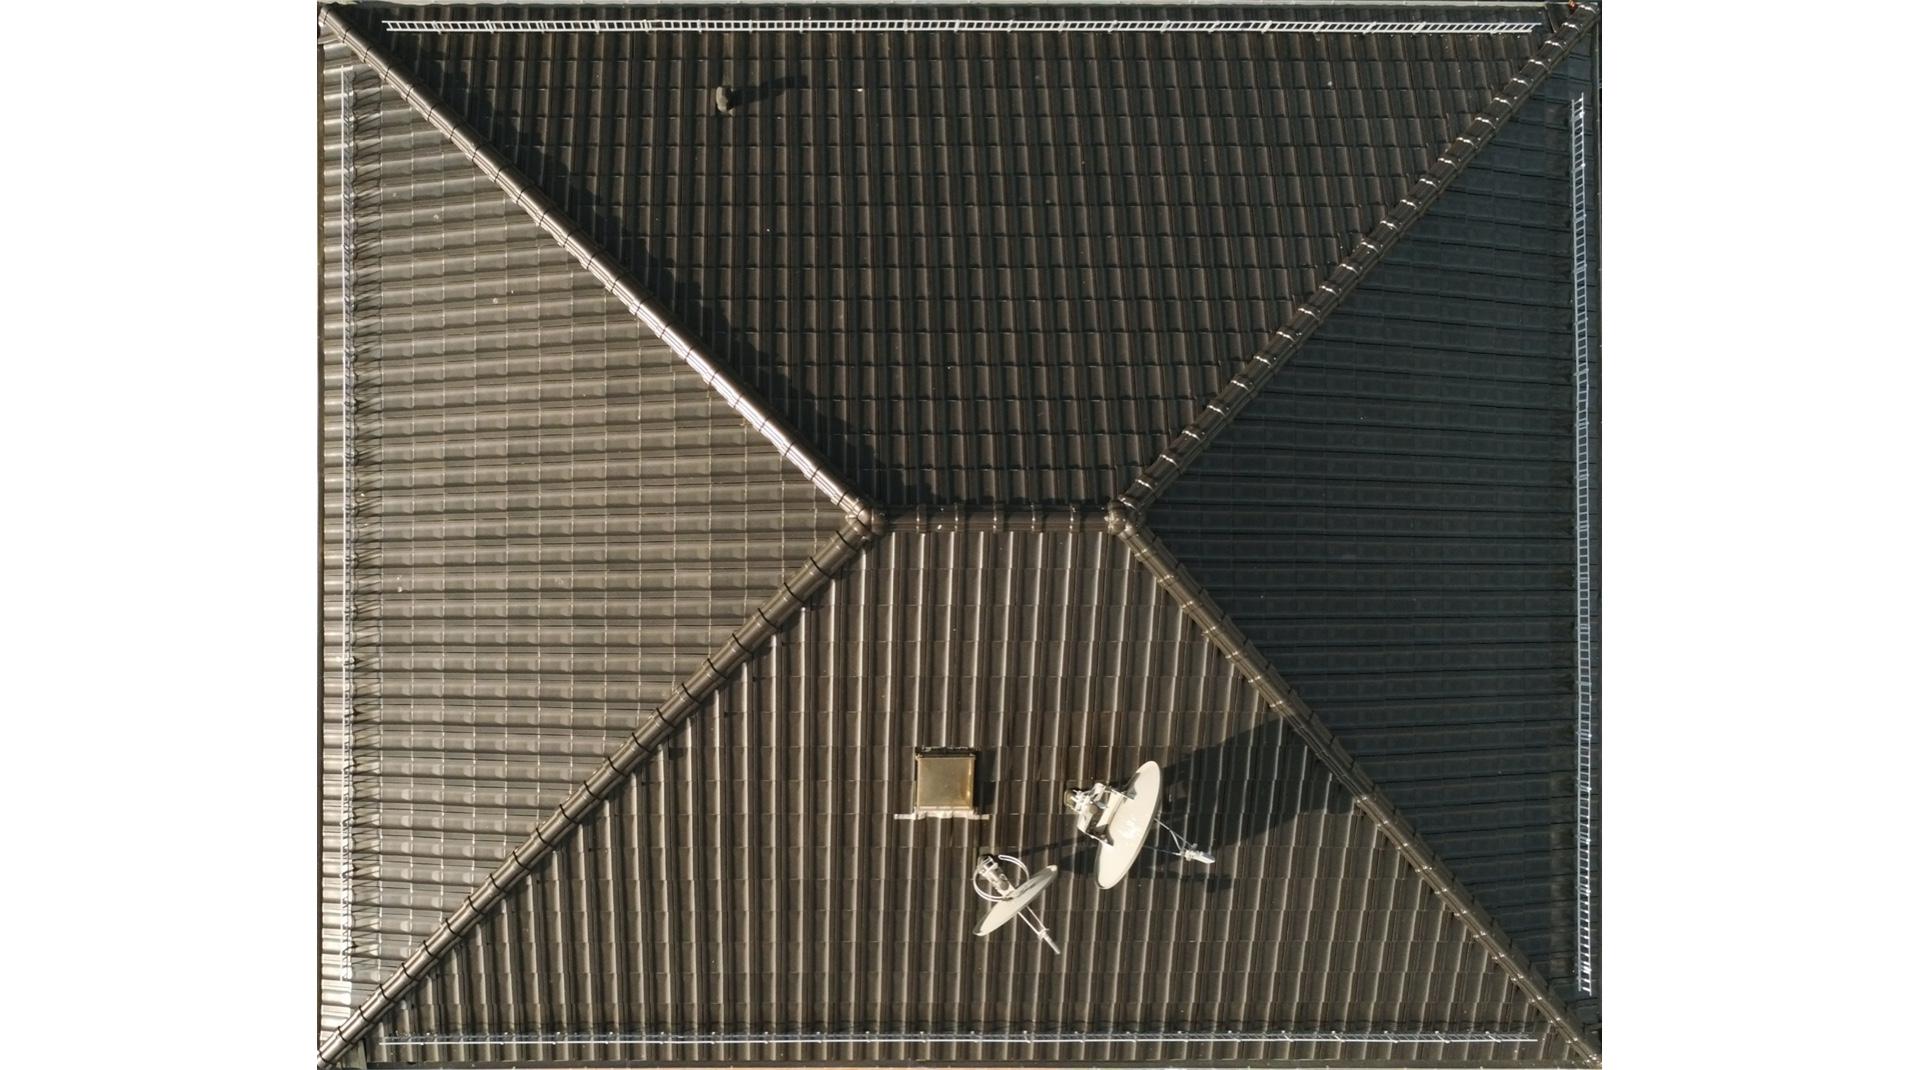 Walmdach aus der Vogelperspektive